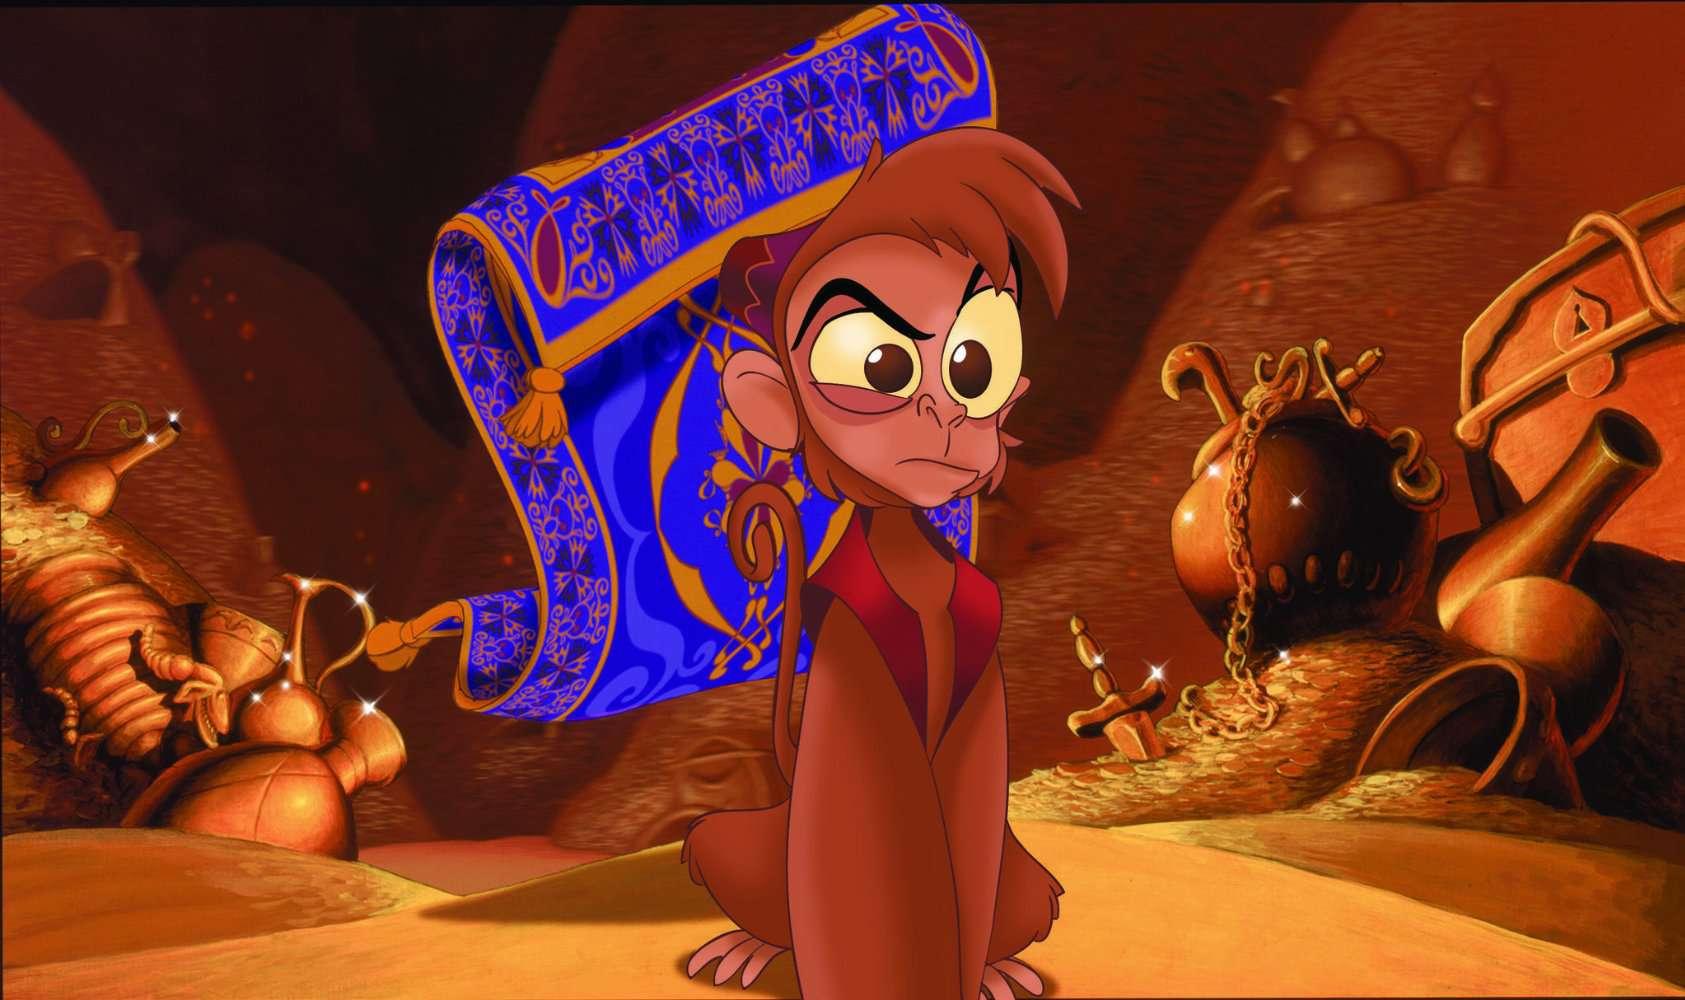 Film still from Aladdin